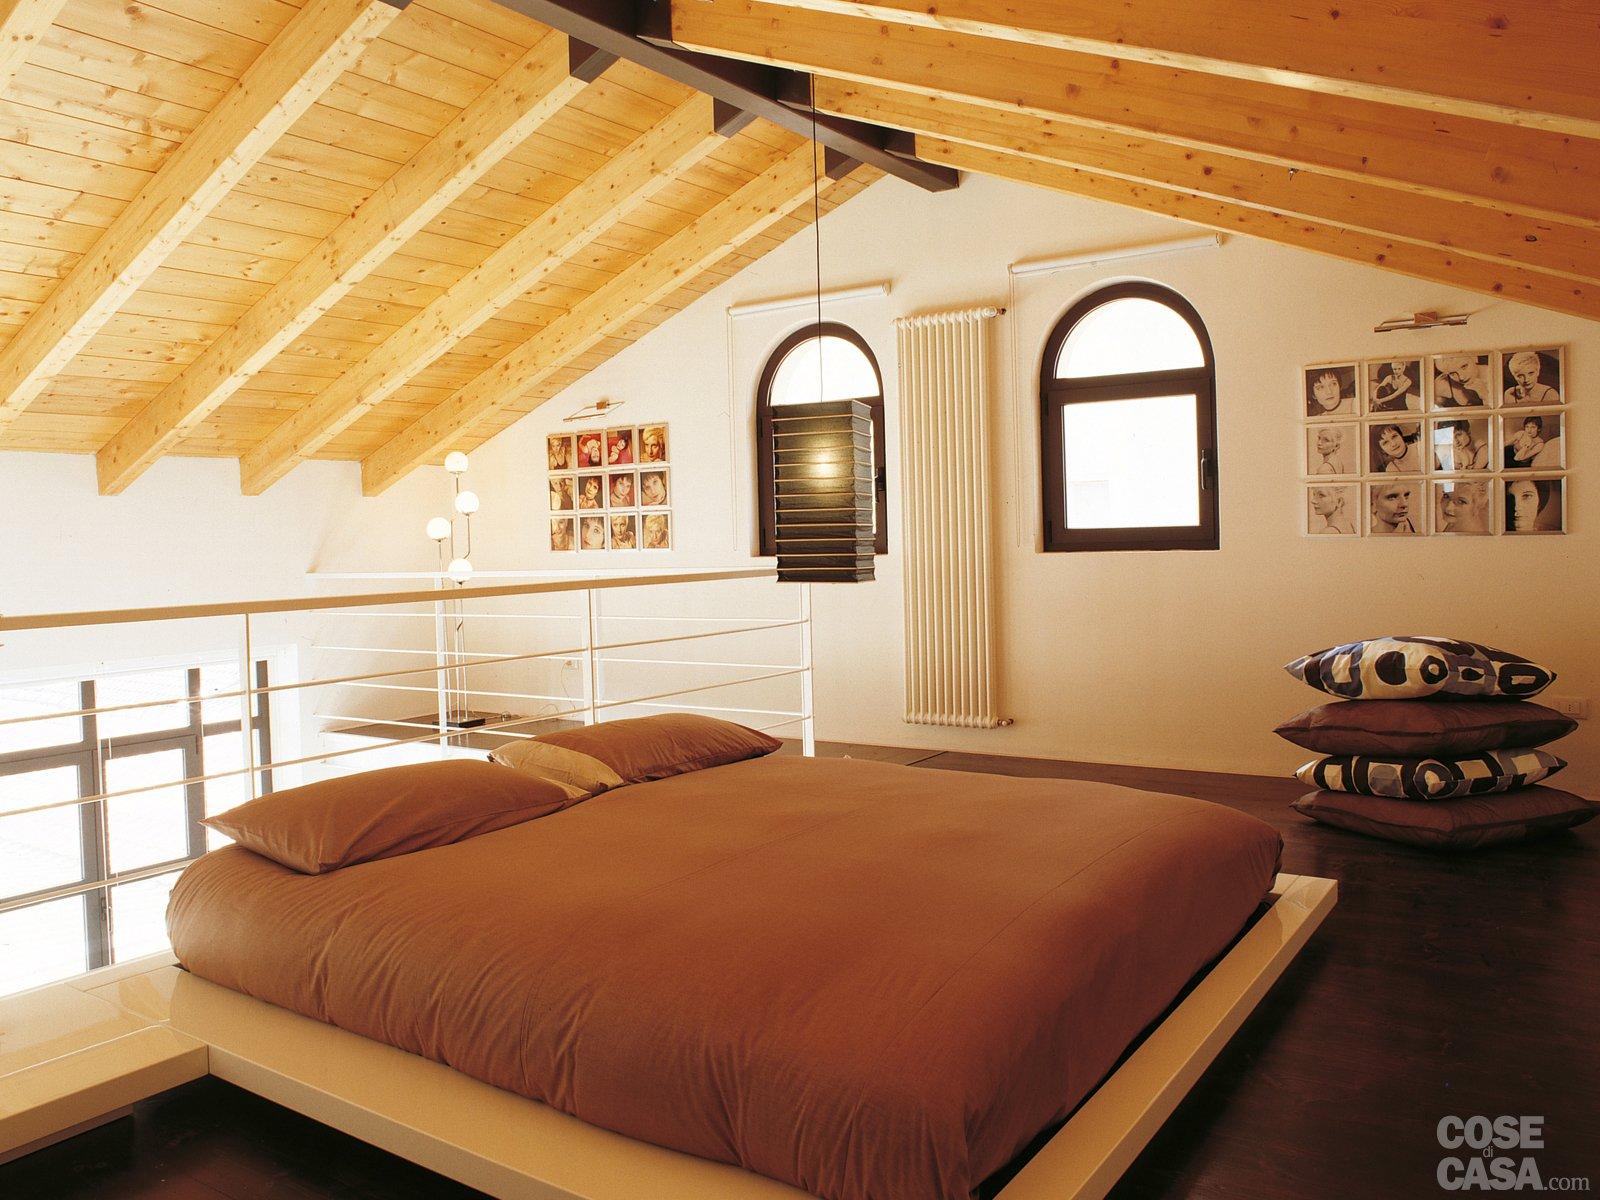 Una casa a doppia altezza con soppalco di 70 mq cose di casa - Camere da letto con soppalco ...